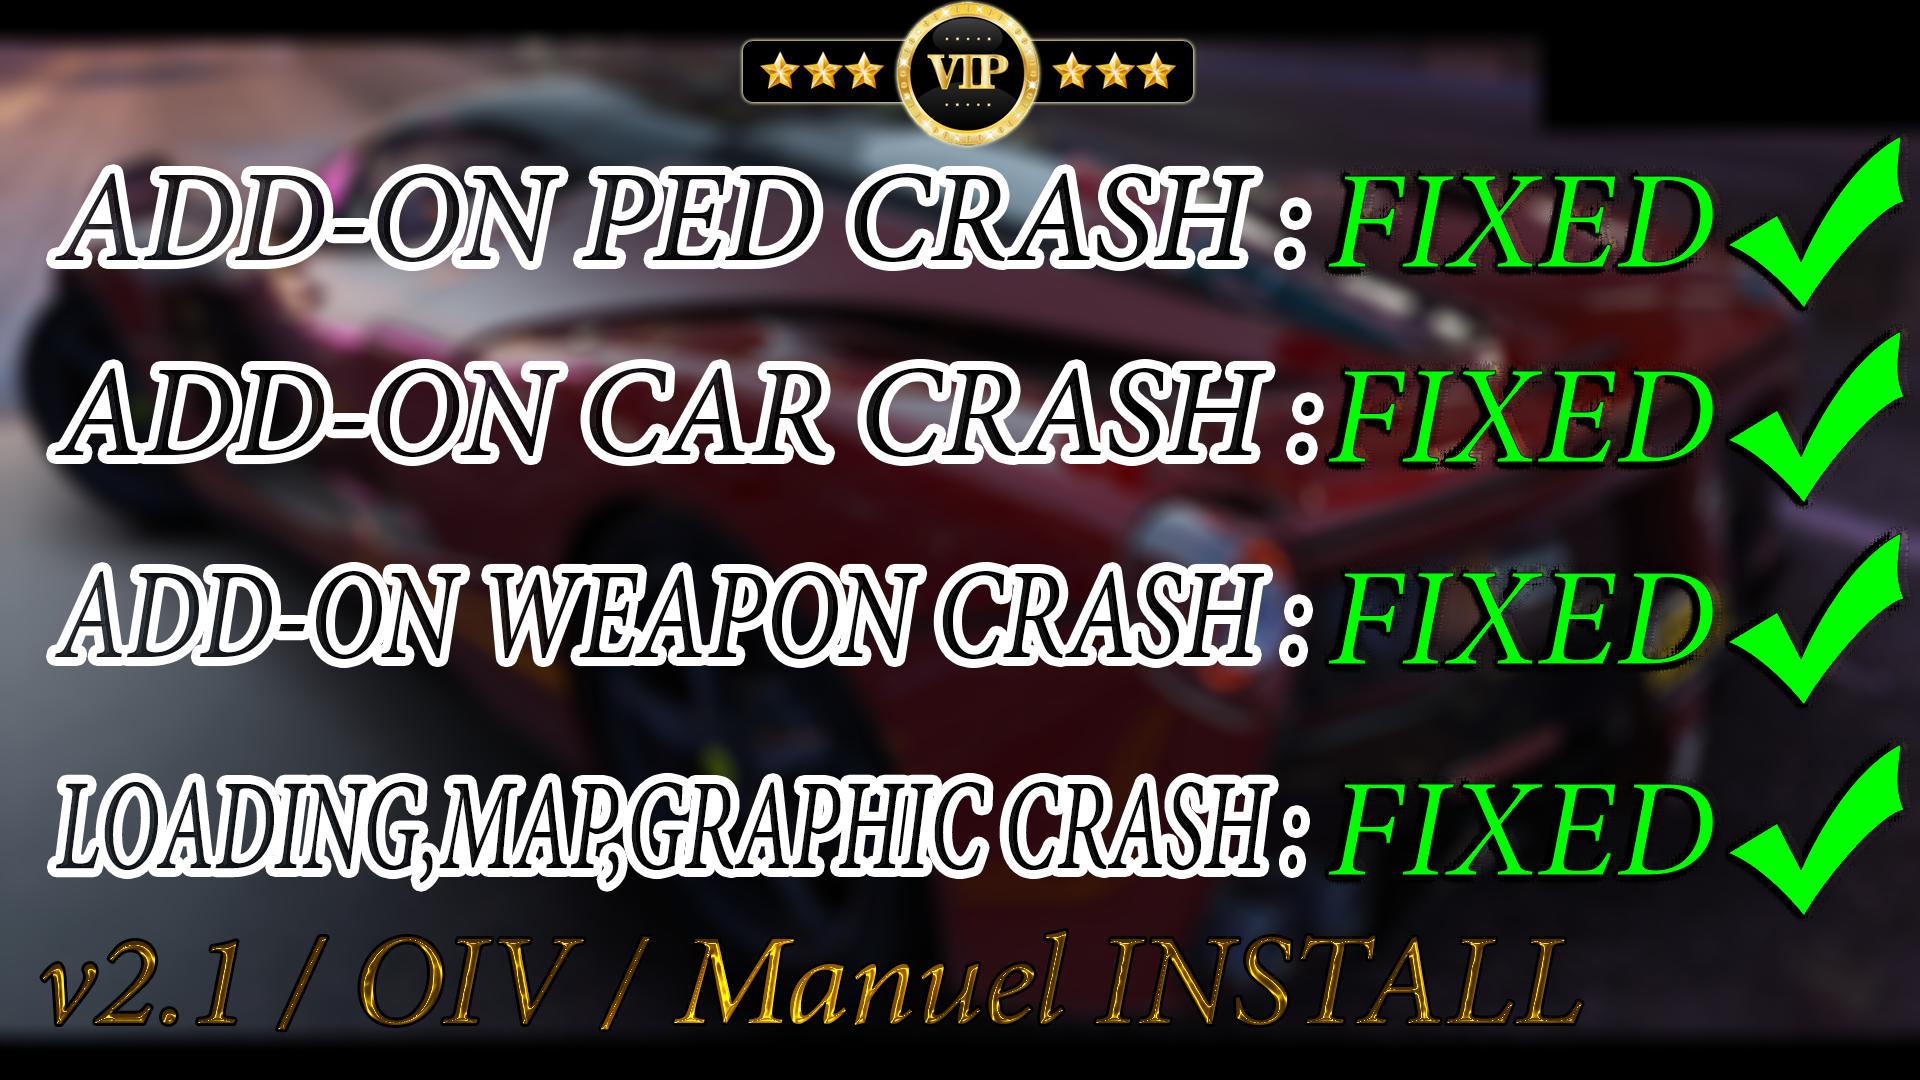 Gameconfig for Patch 1 0 1103 2 (Add-On Crash Fix) [OIV] - GTA5-Mods com